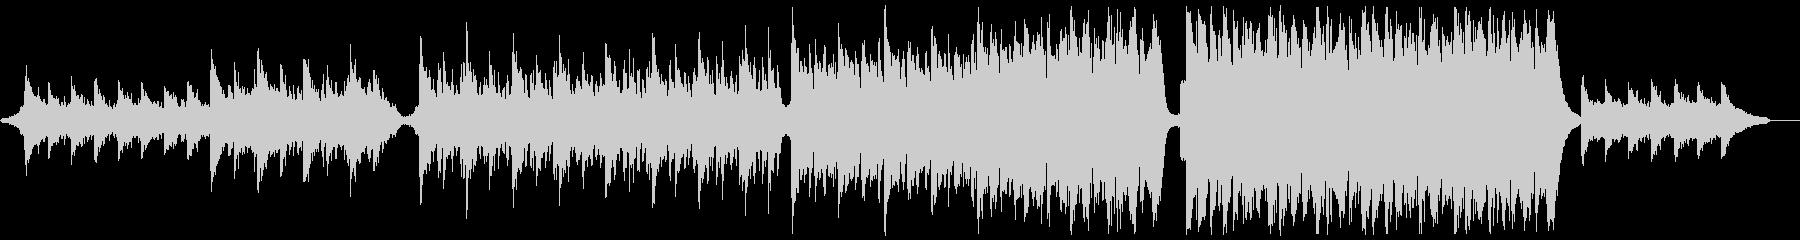 ポジティブポップオーケストラ:FX抜きの未再生の波形